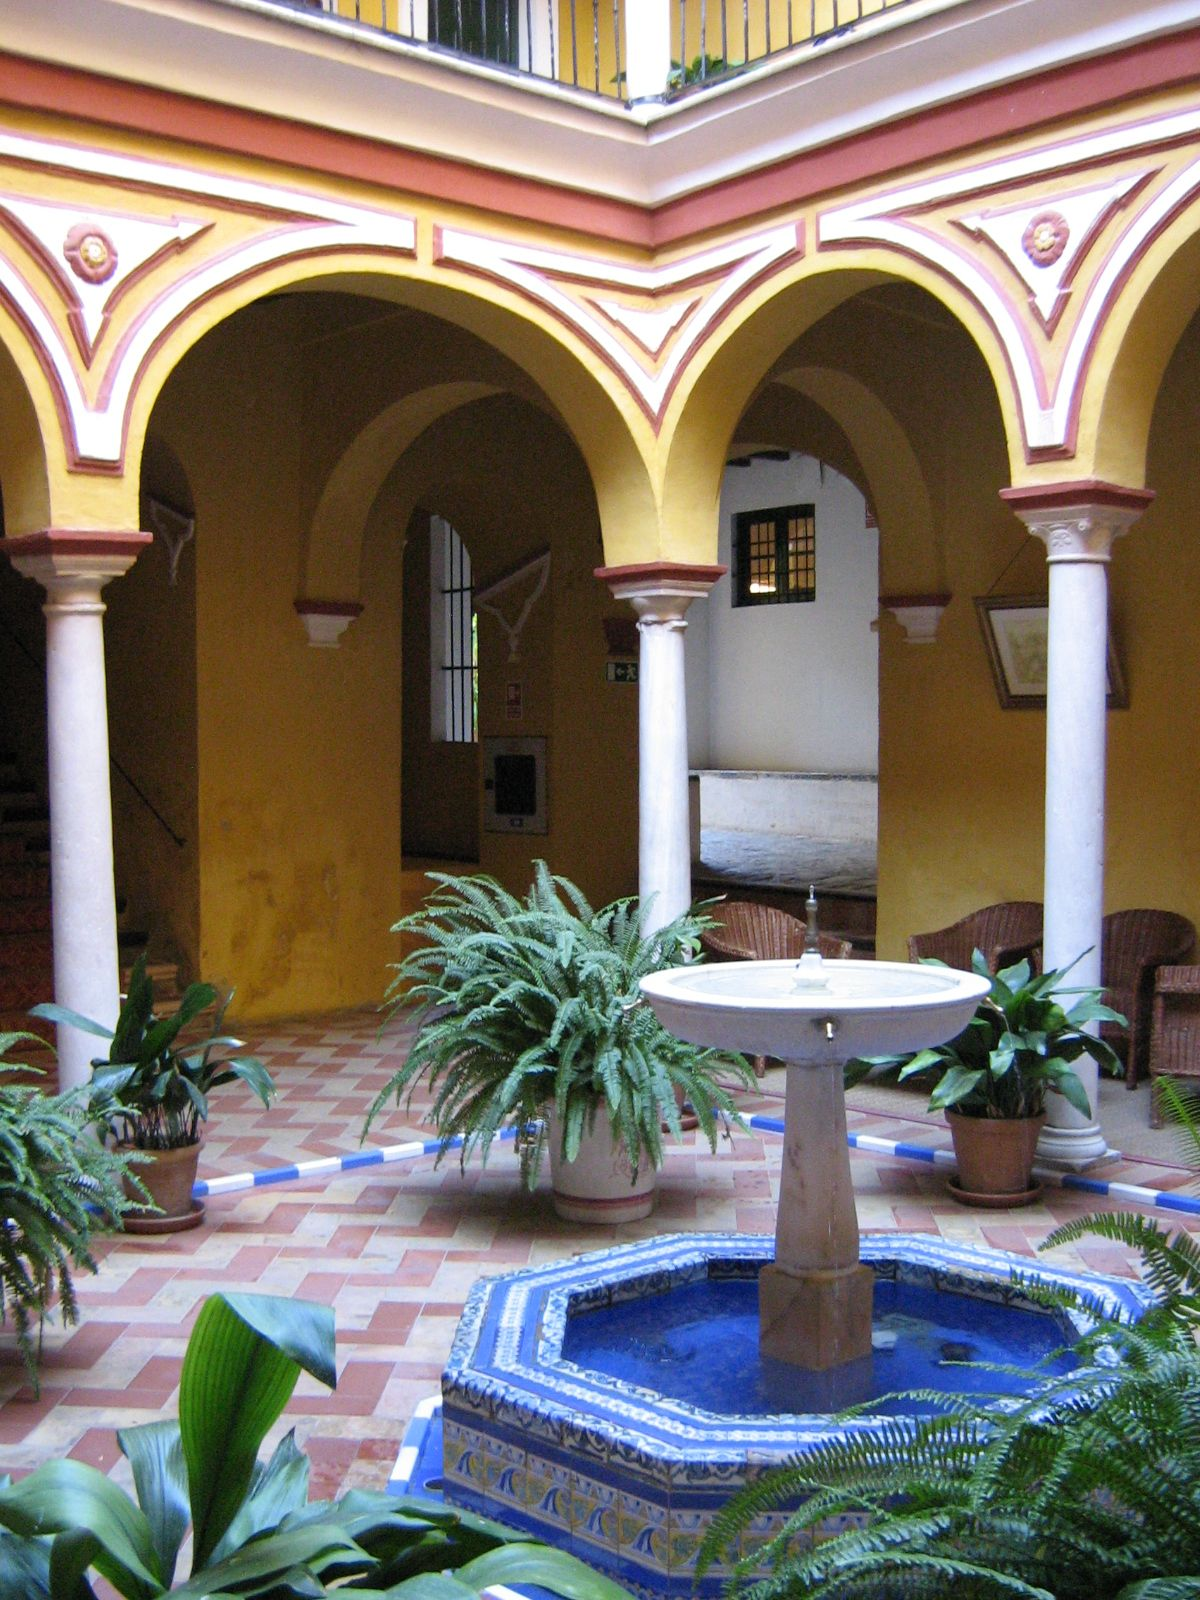 Courtyard at Las Casas De La JUDERÍA, Seville Favorite